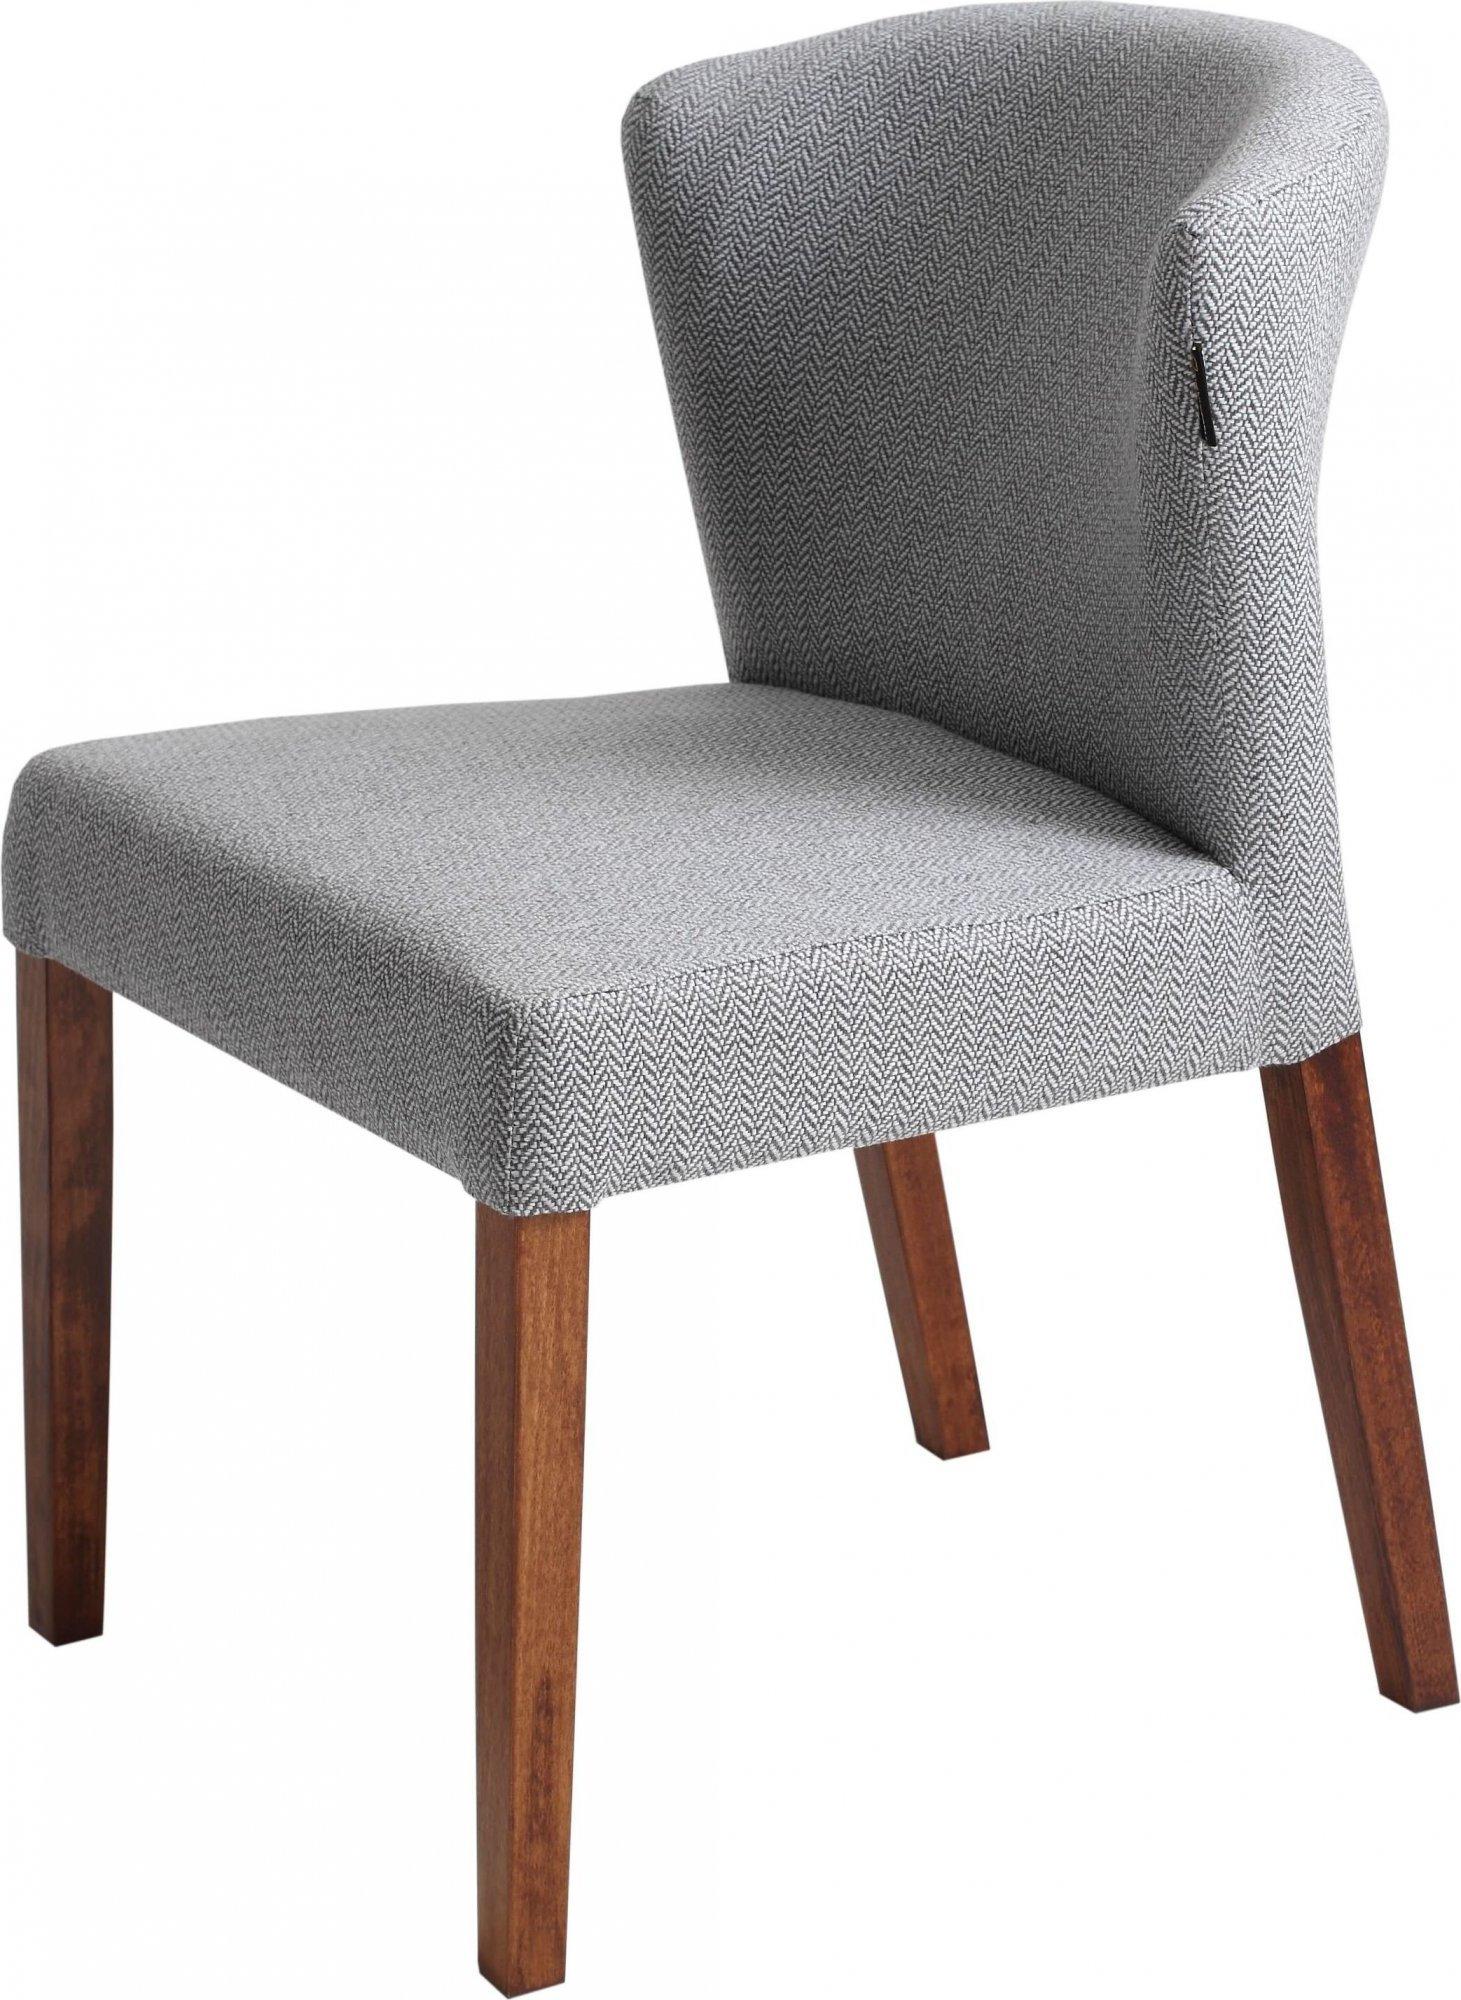 Chaise cosy rembourrée couleur gris pieds bois